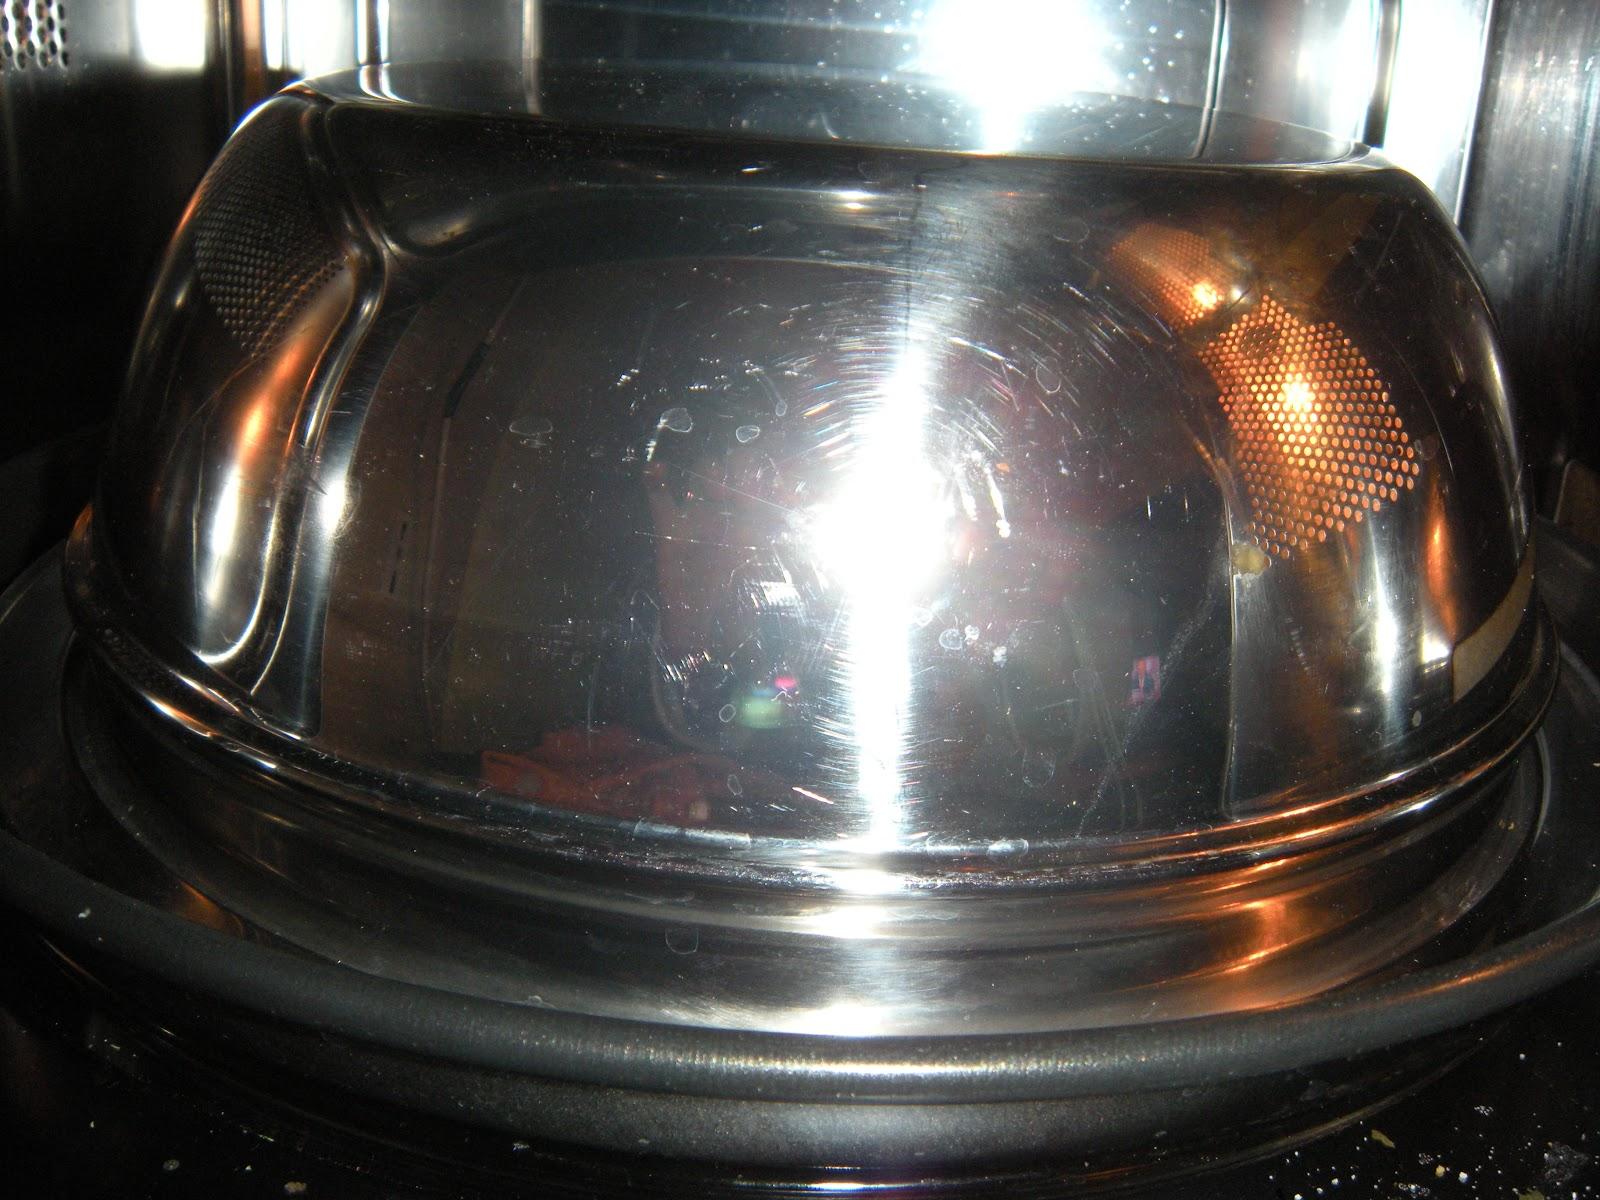 Nelnomedellarosa dorare con il forno a microonde senza la - Forno con microonde ...